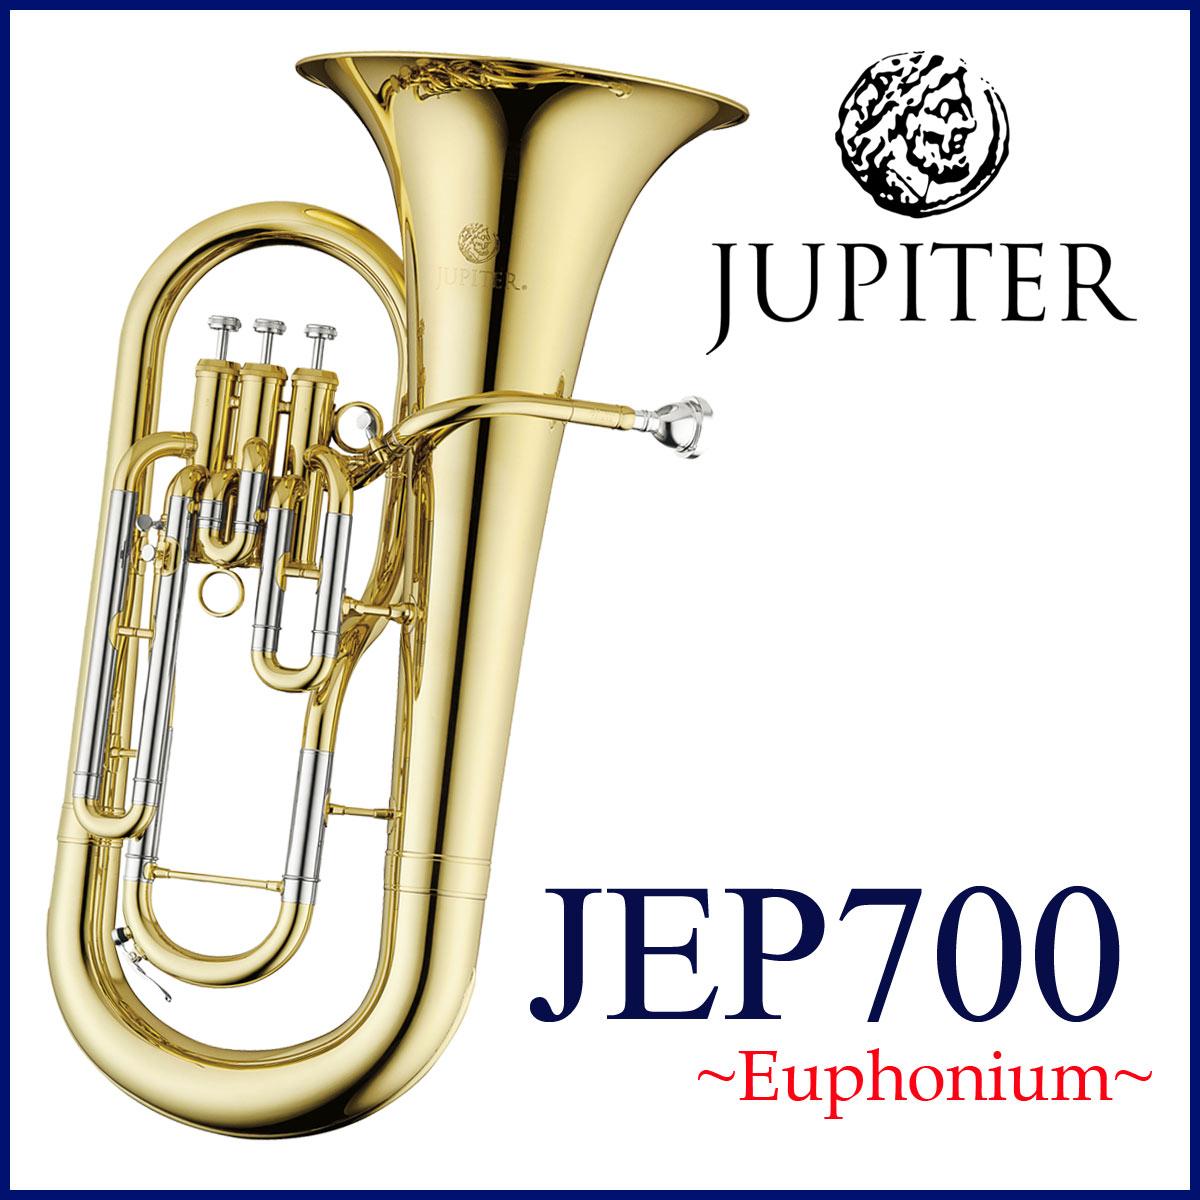 JUPITER / JEP-700 ジュピター Euphonium ユーフォニアム ラッカー仕上げ B♭ 3本ピストン 《お取り寄せ》